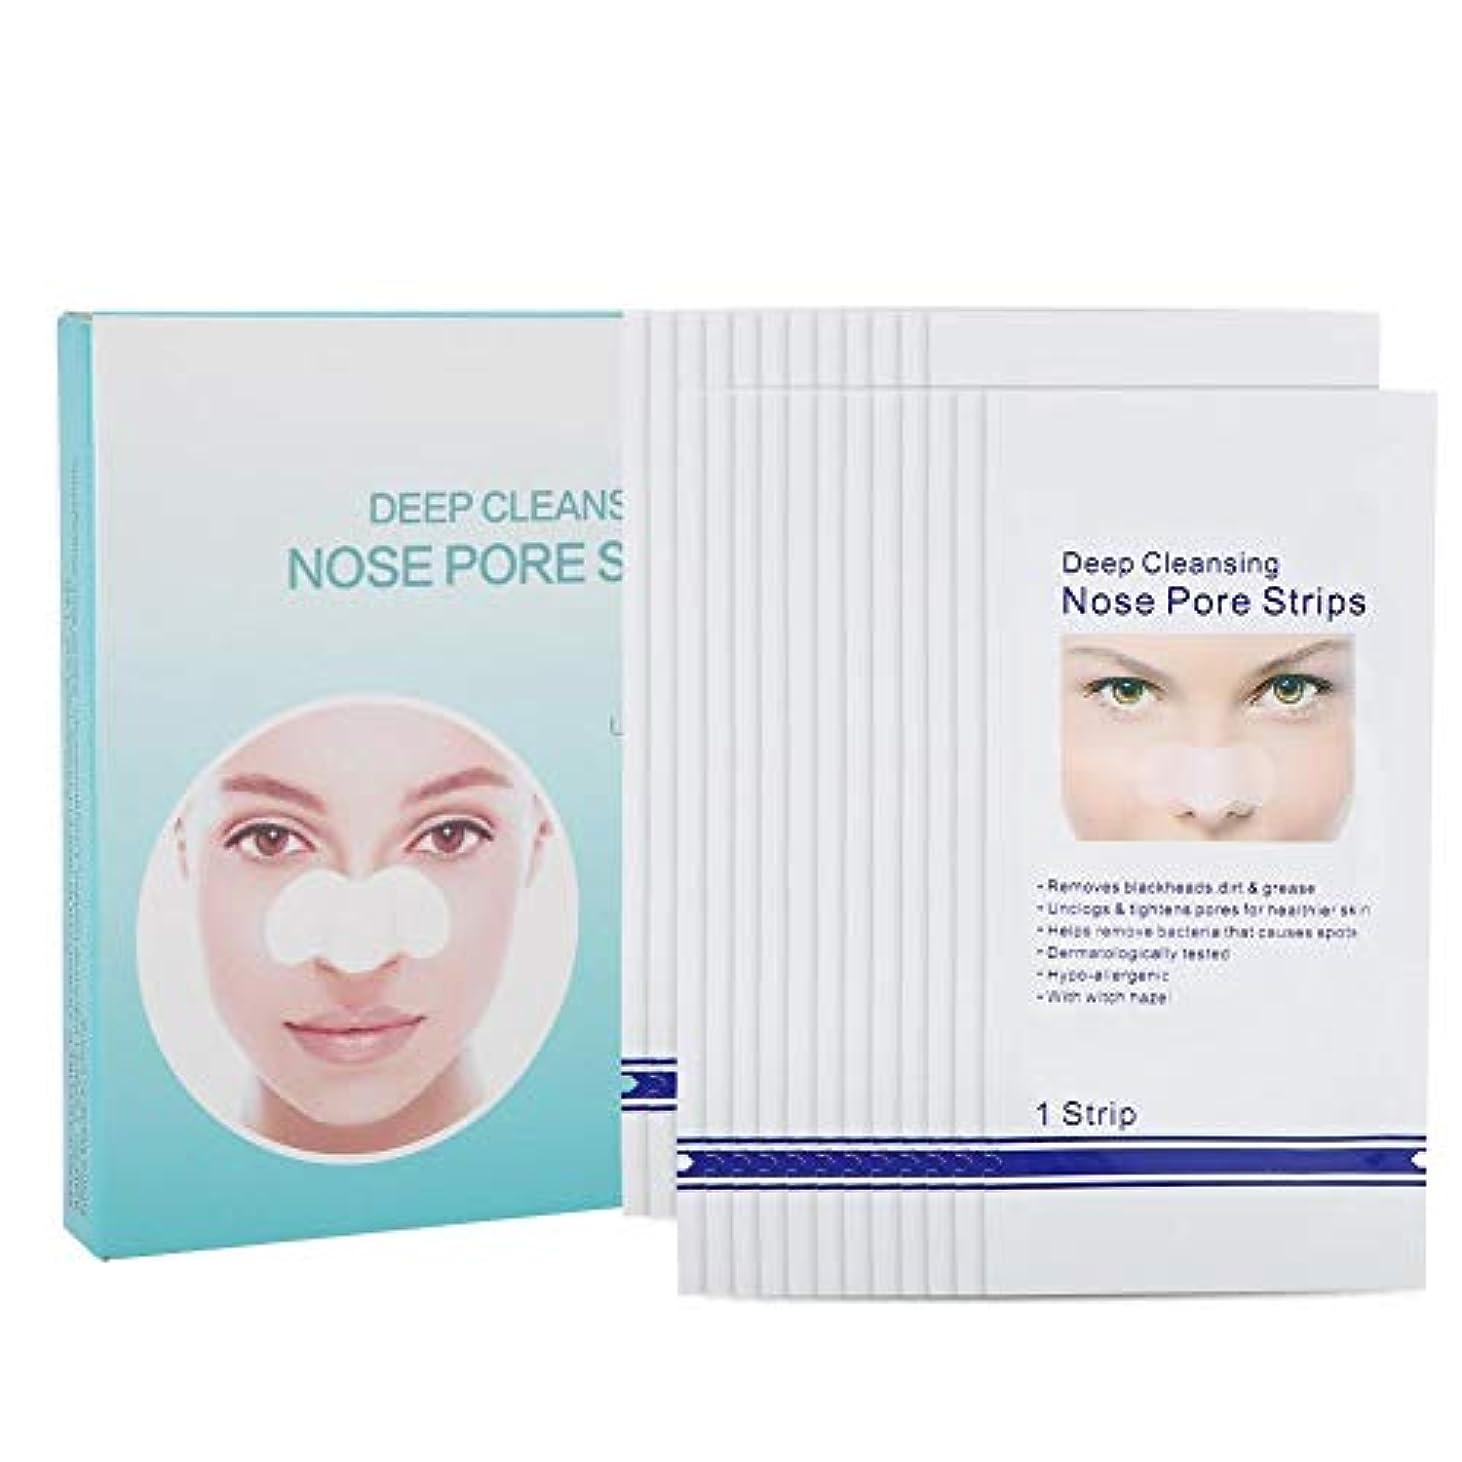 一元化するサスペンション感じにきびの除去のための鼻孔ストリップ、24PCSディープクレンジング鼻は黒ずみを取り除きます鼻マスクをはがします